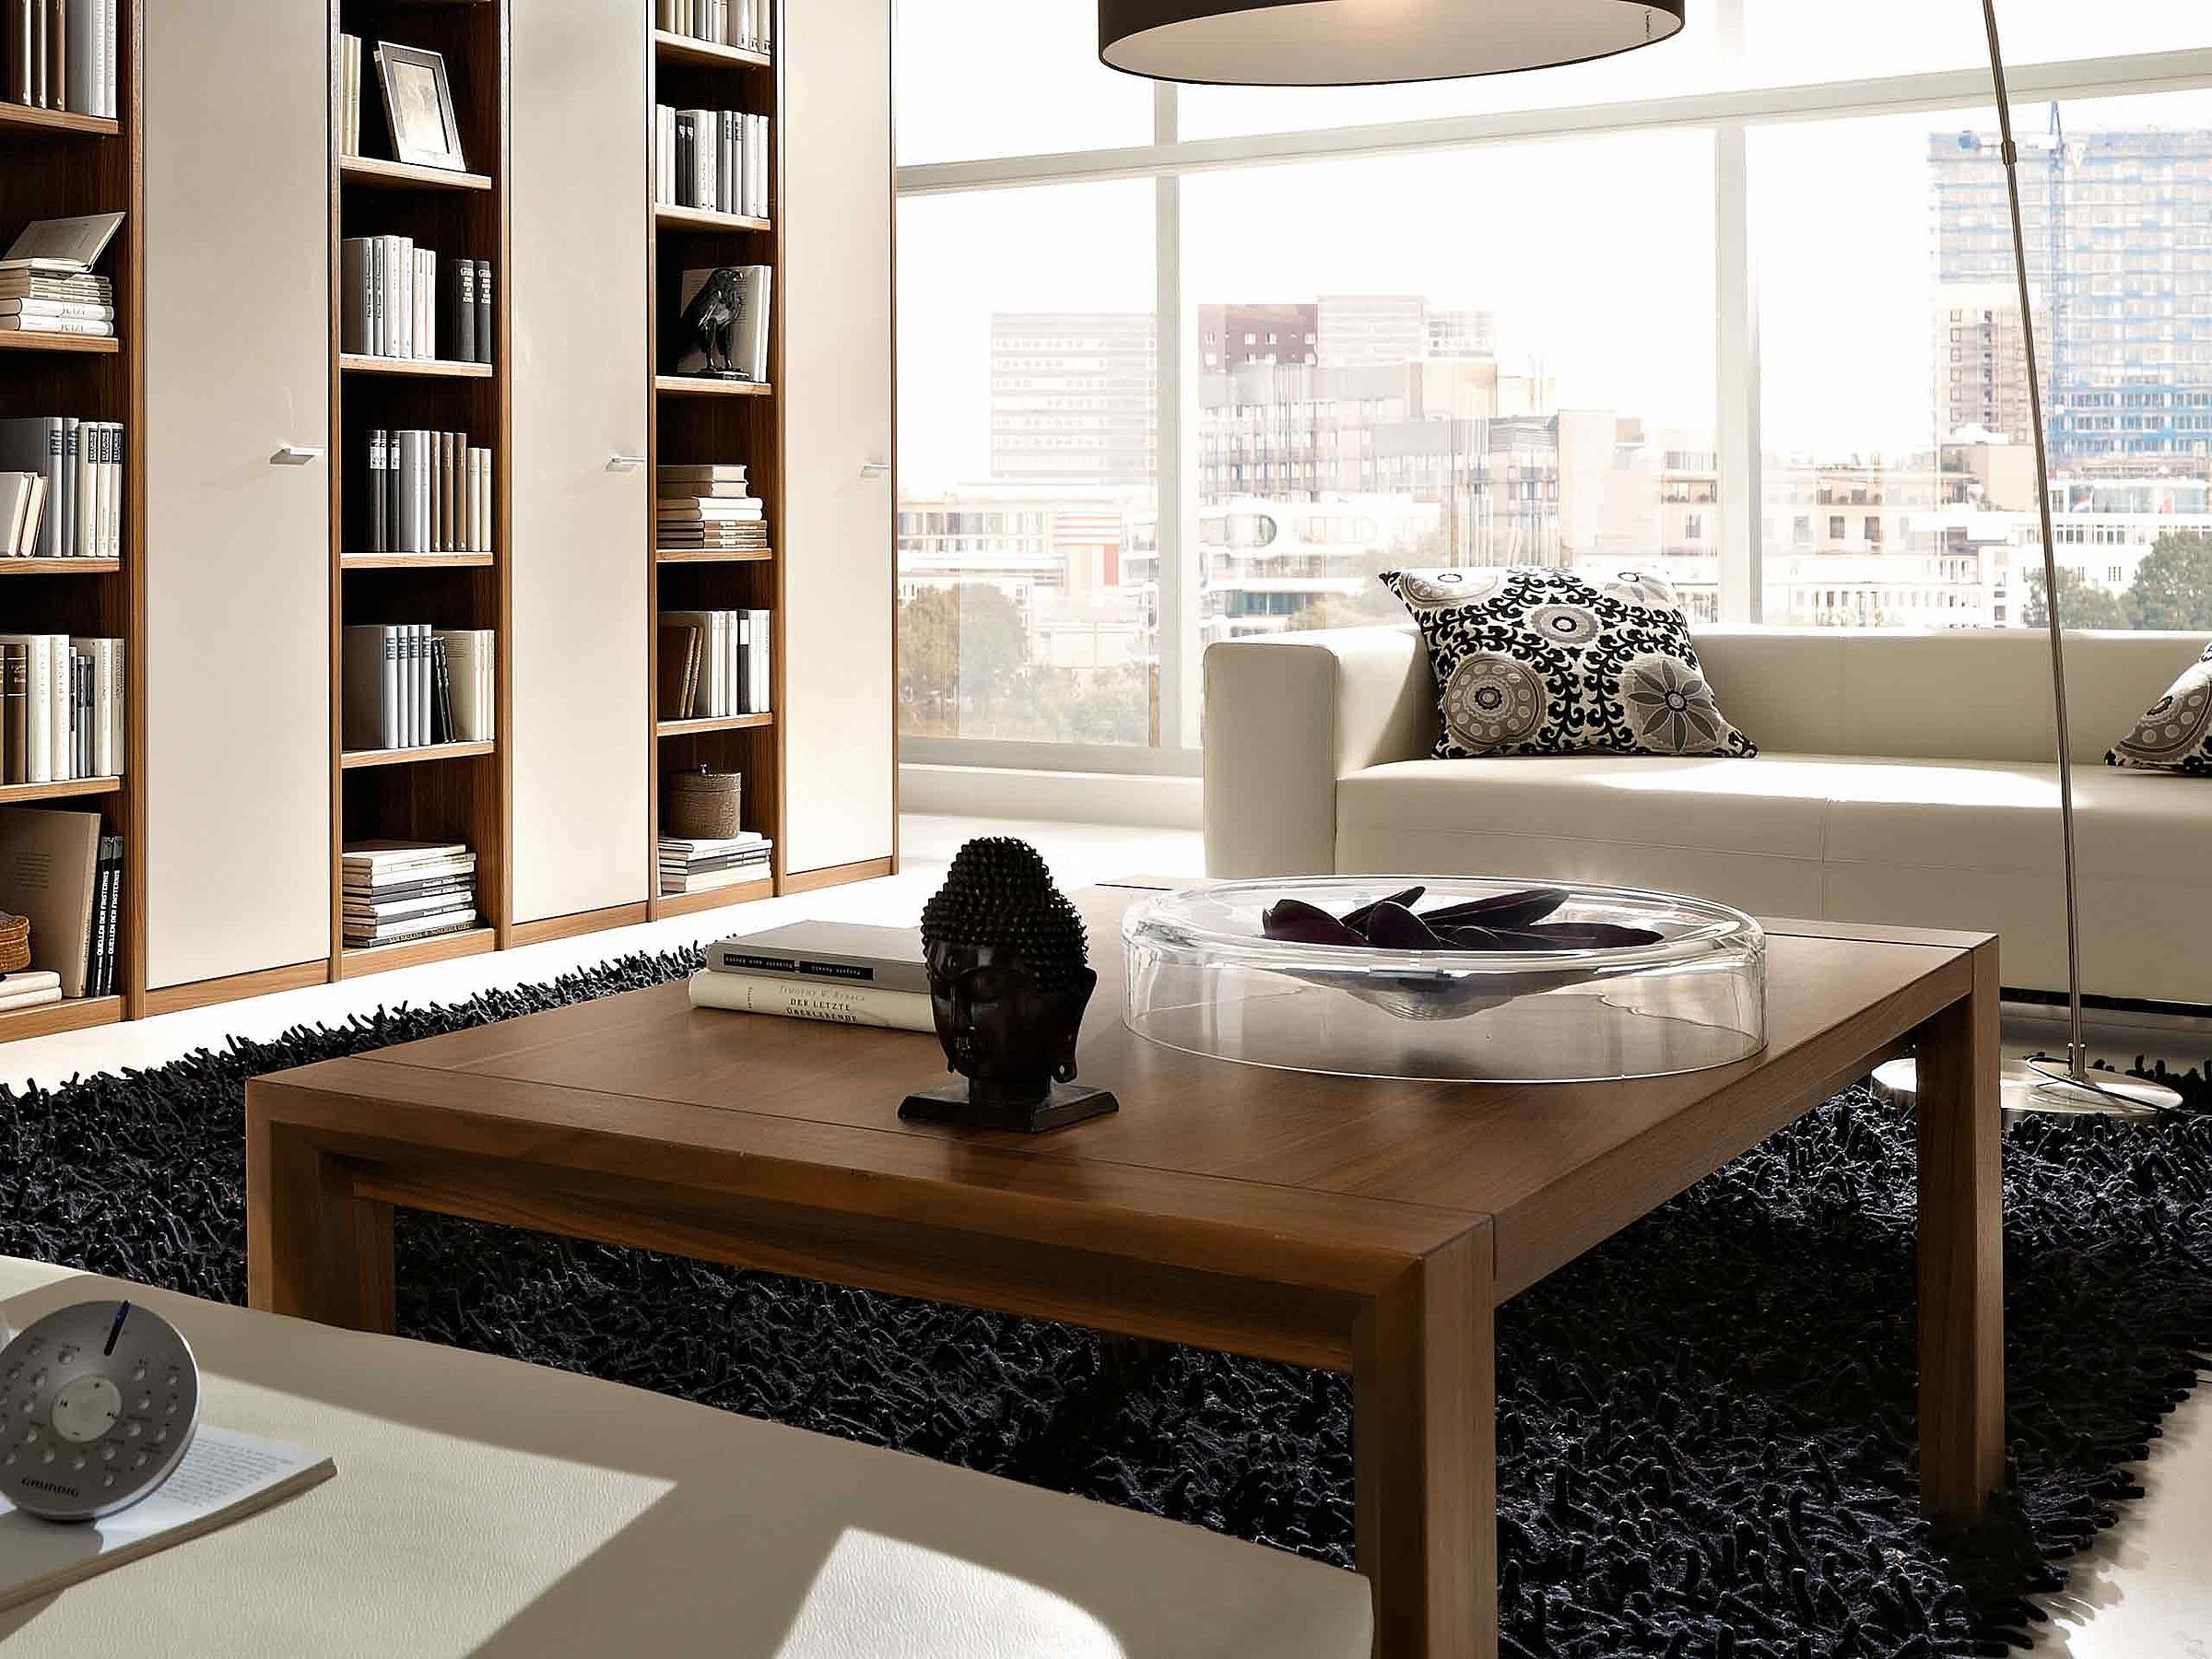 Couchtisch Wohnzimmer Manhattan Dacapo Holz Nussbaum nova